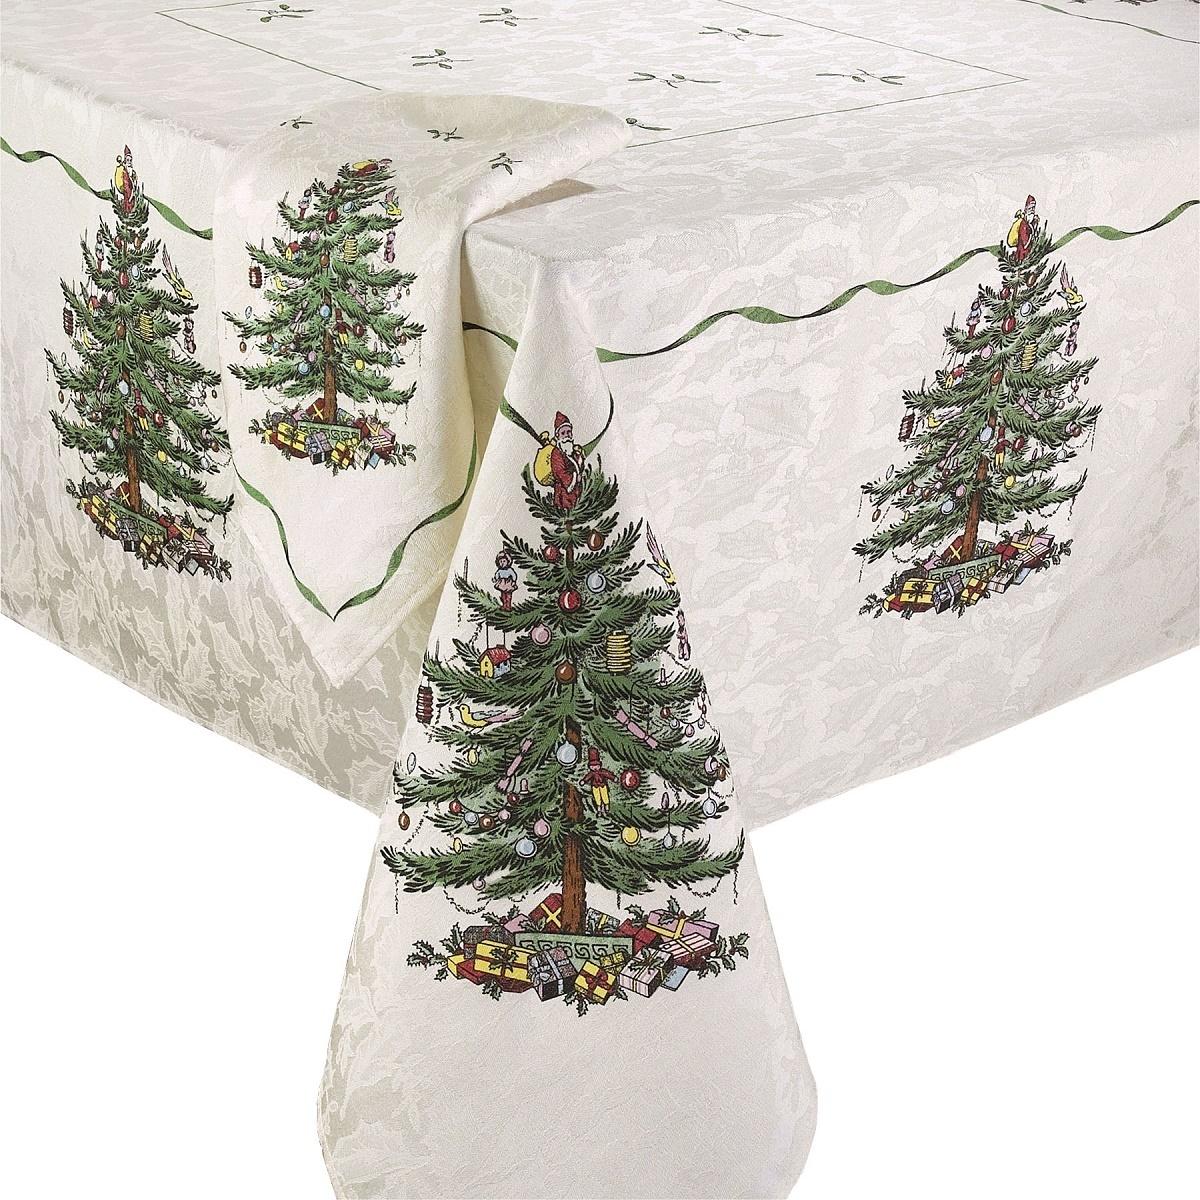 Скатерти Элитная скатерть Spode Christmas Tree от Avanti elitnaya-skatert-spode-christmas-tree-ot-avanti-ssha-kitay.jpg